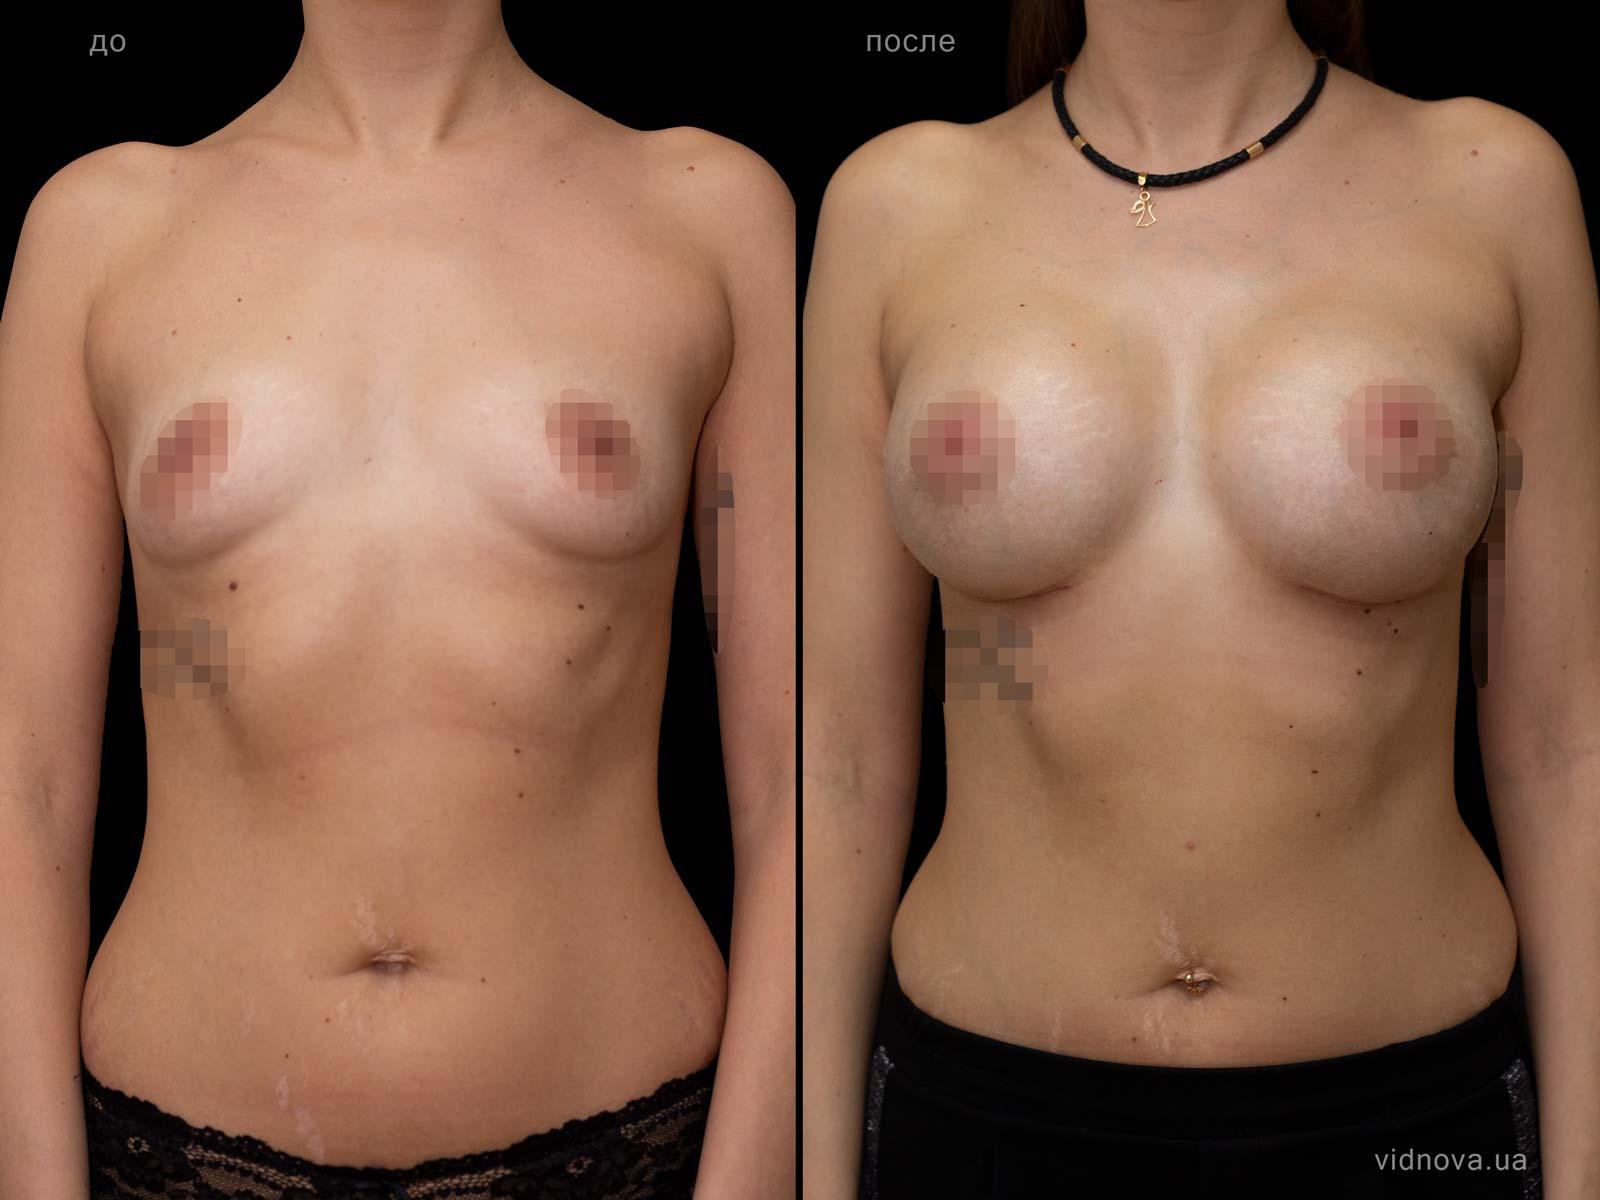 Пластика груди: результаты до и после - Пример №92-0 - Светлана Работенко